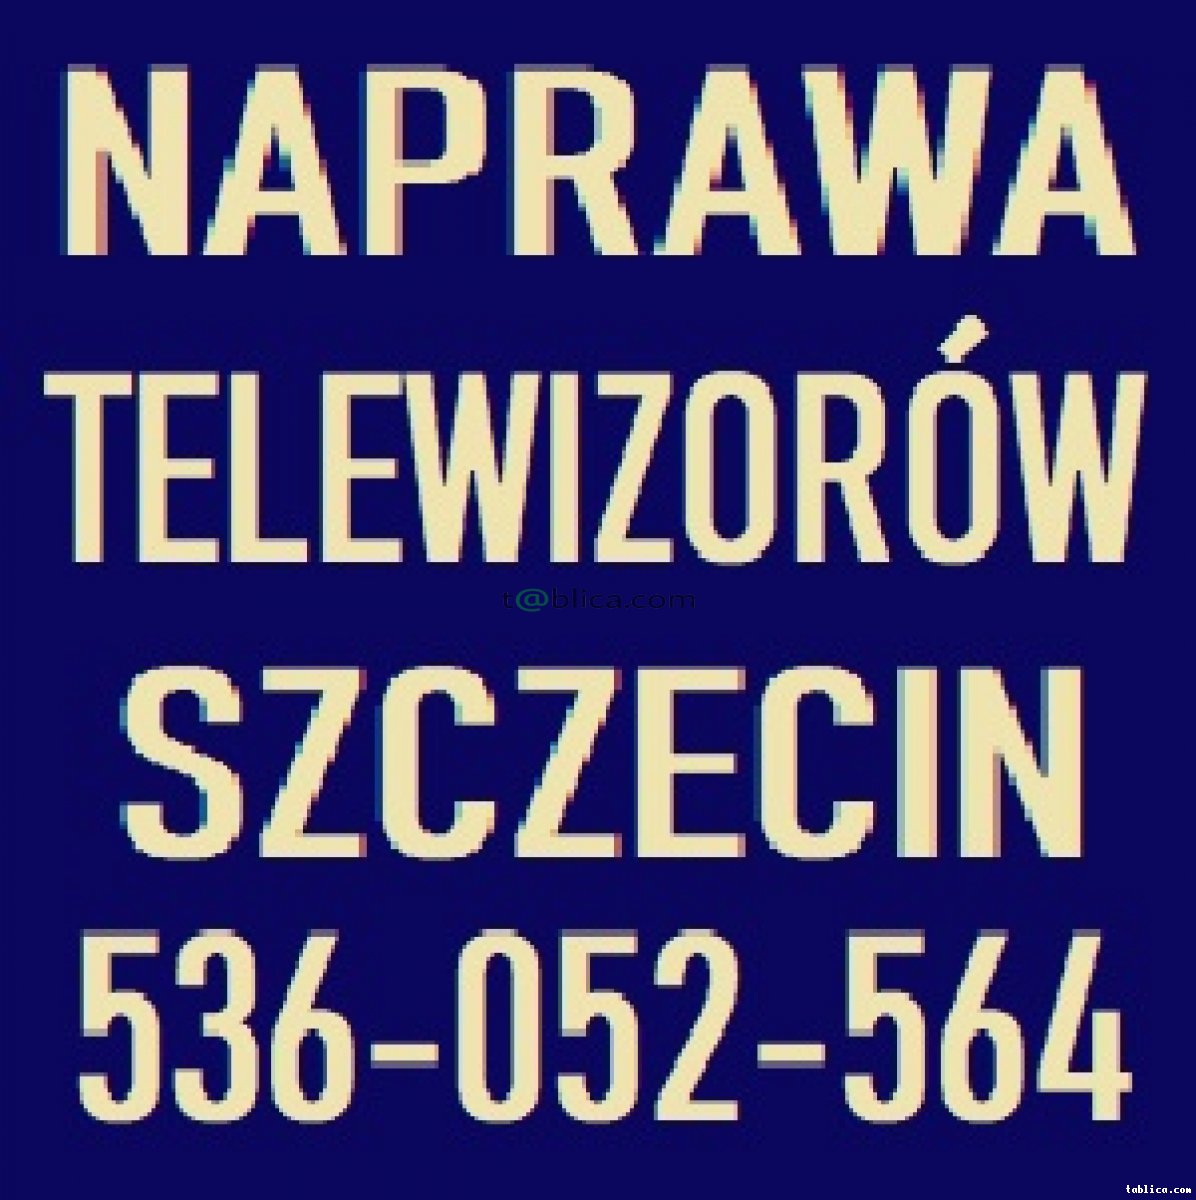 Naprawa Telewizorów Szczecin 536-052-564